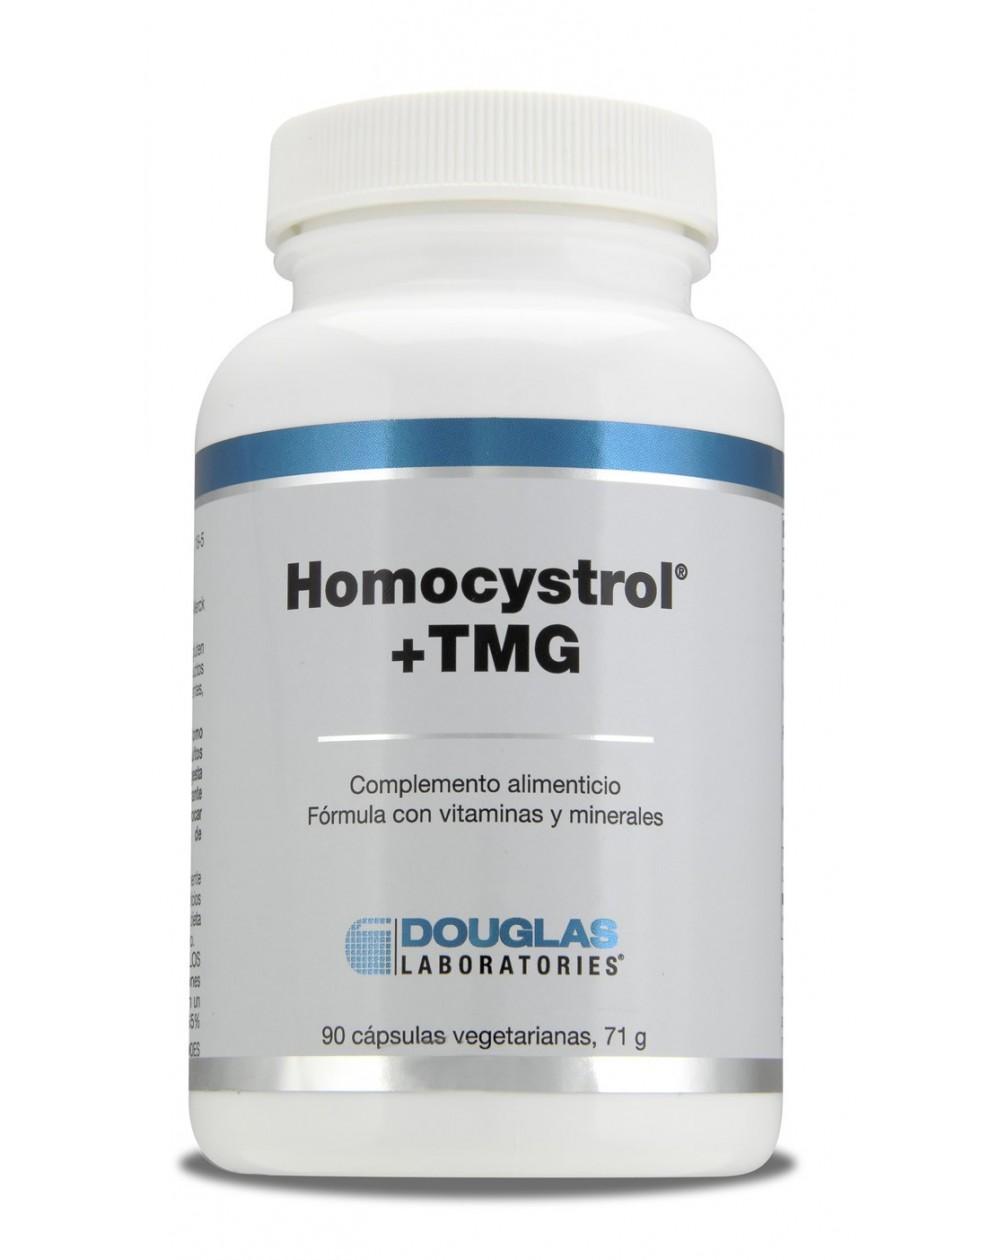 Homocystrol + TMG (90 cápsulas...